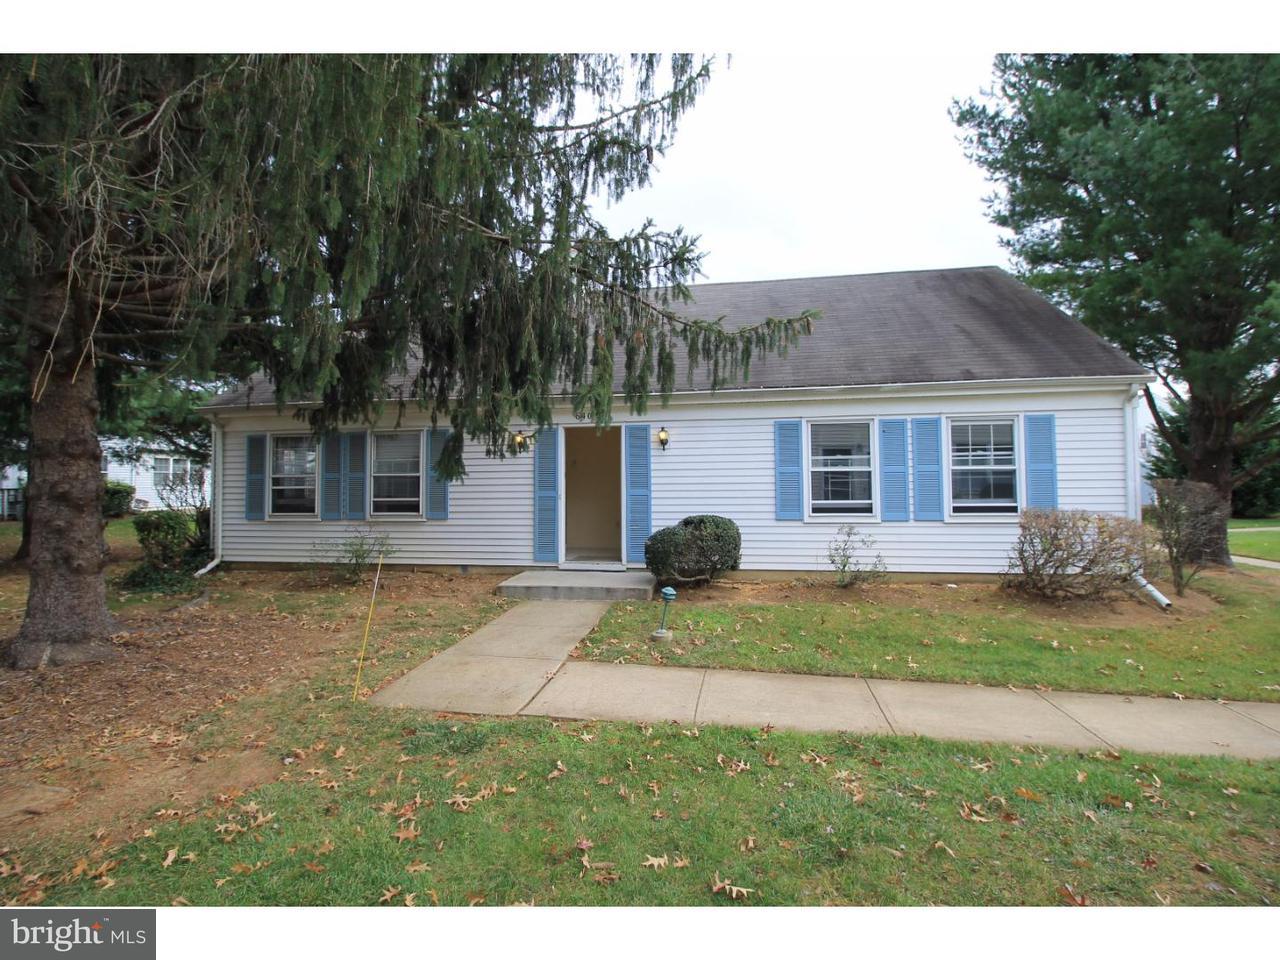 Частный односемейный дом для того Аренда на 640 YORKSHIRE LN #C Monroe, Нью-Джерси 08831 Соединенные ШтатыВ/Около: Monroe Township